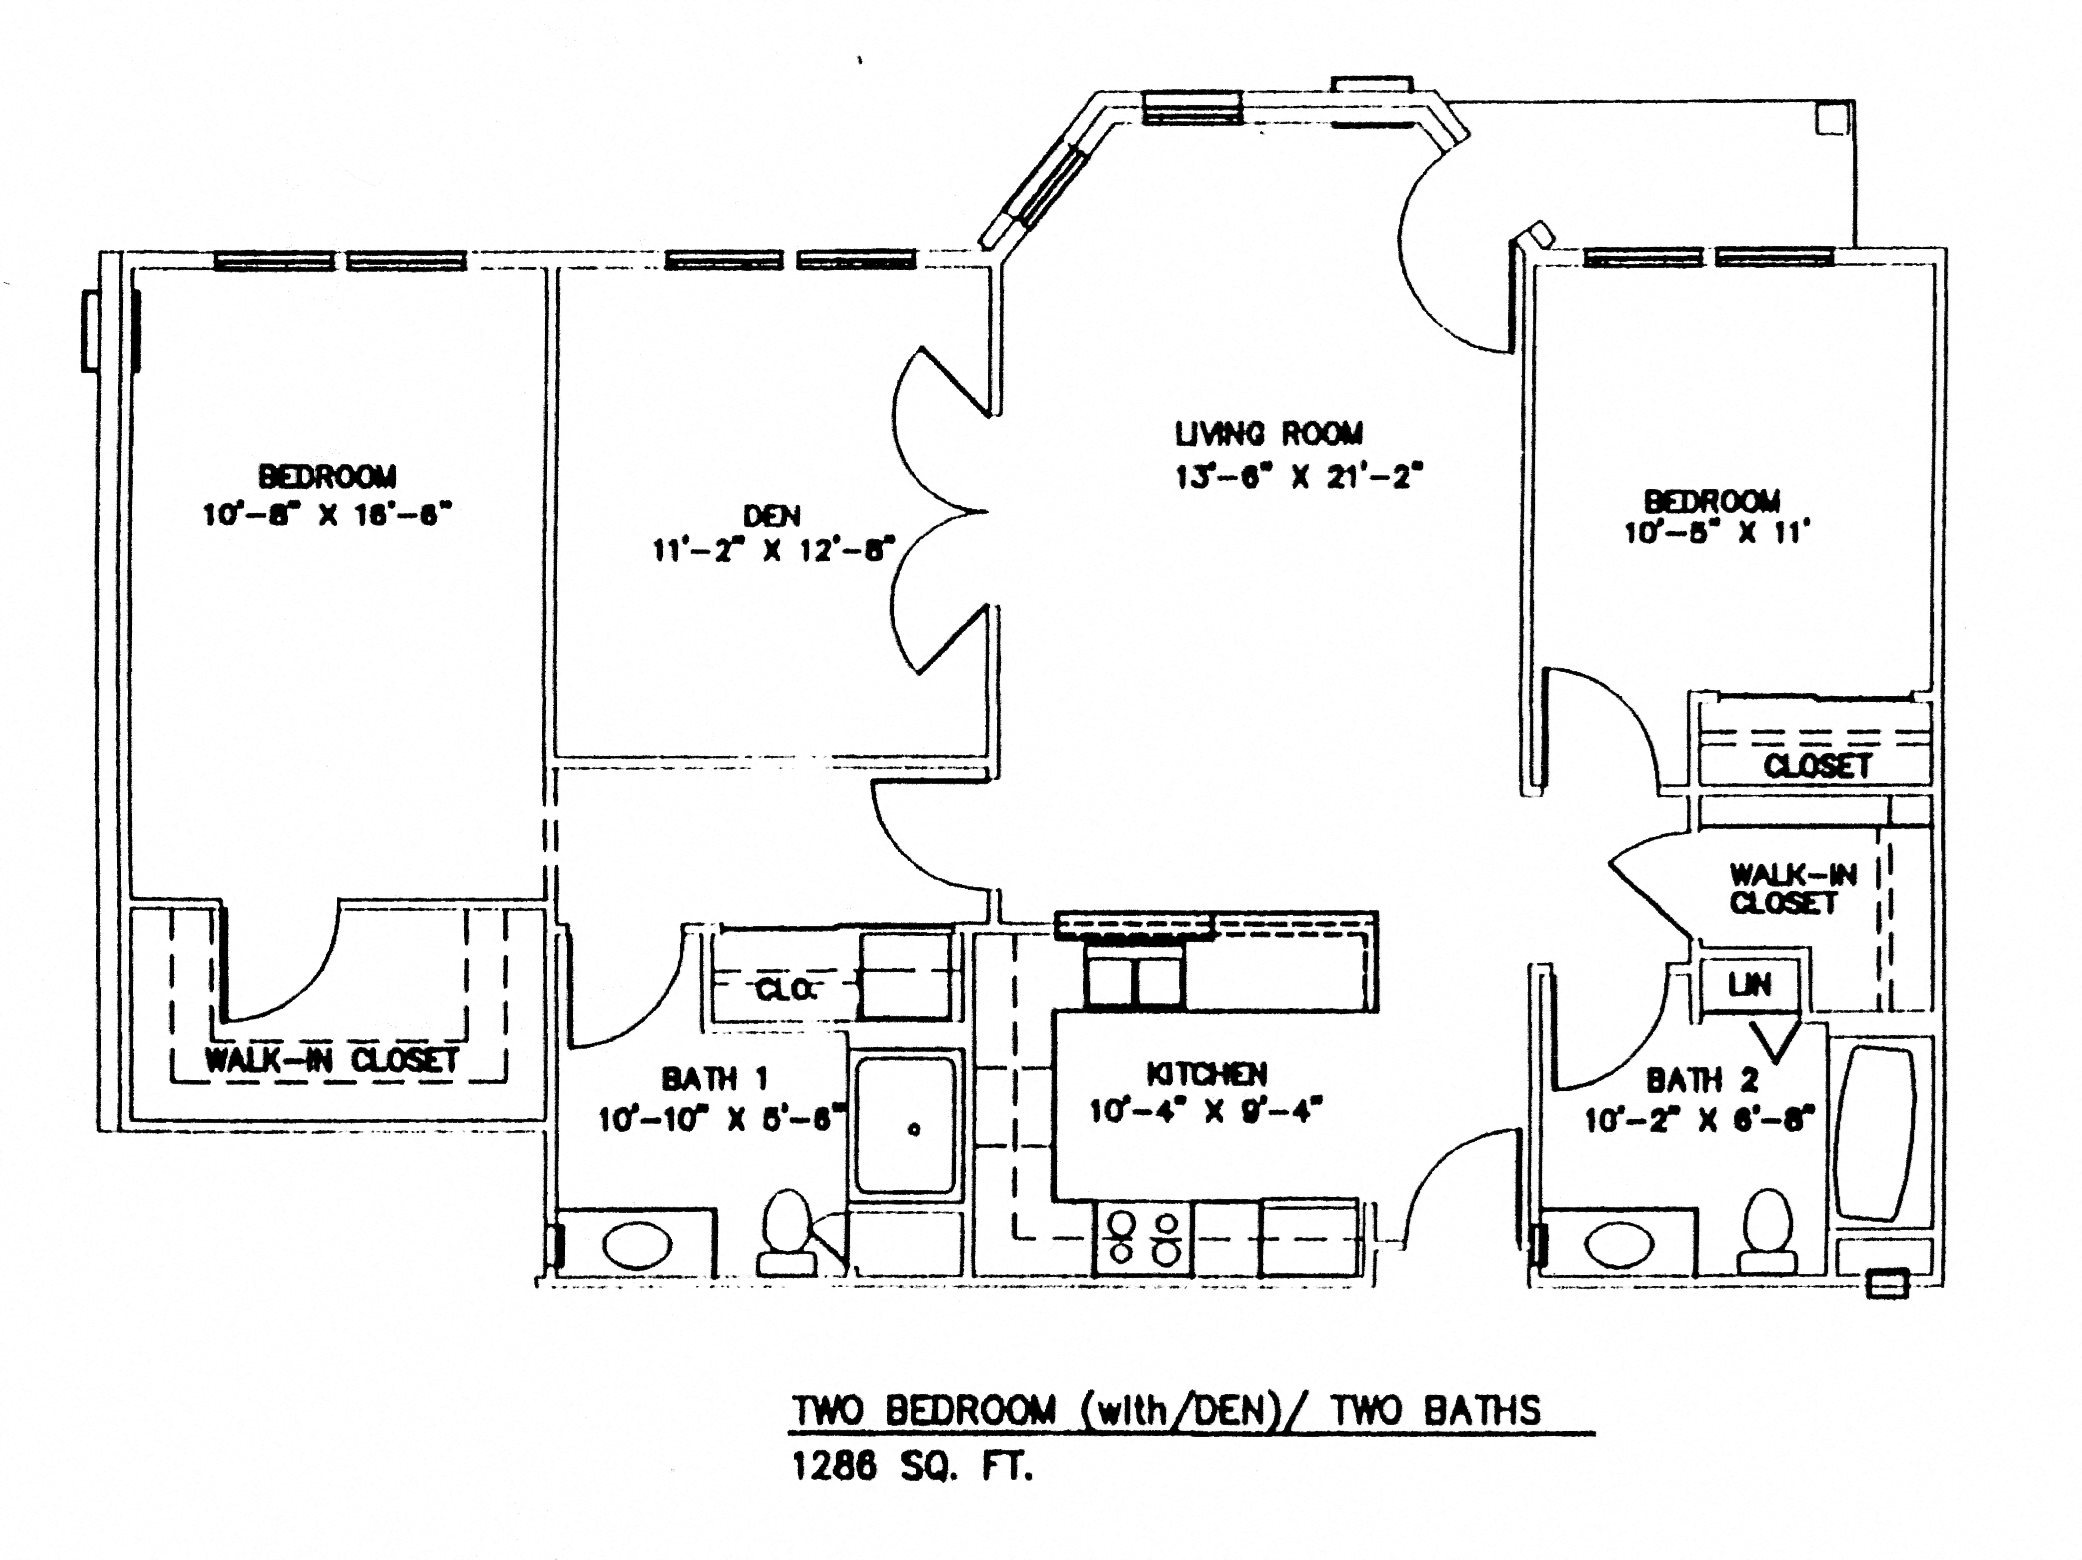 Two Bedroom w/Patio & Den Floor Plan 5